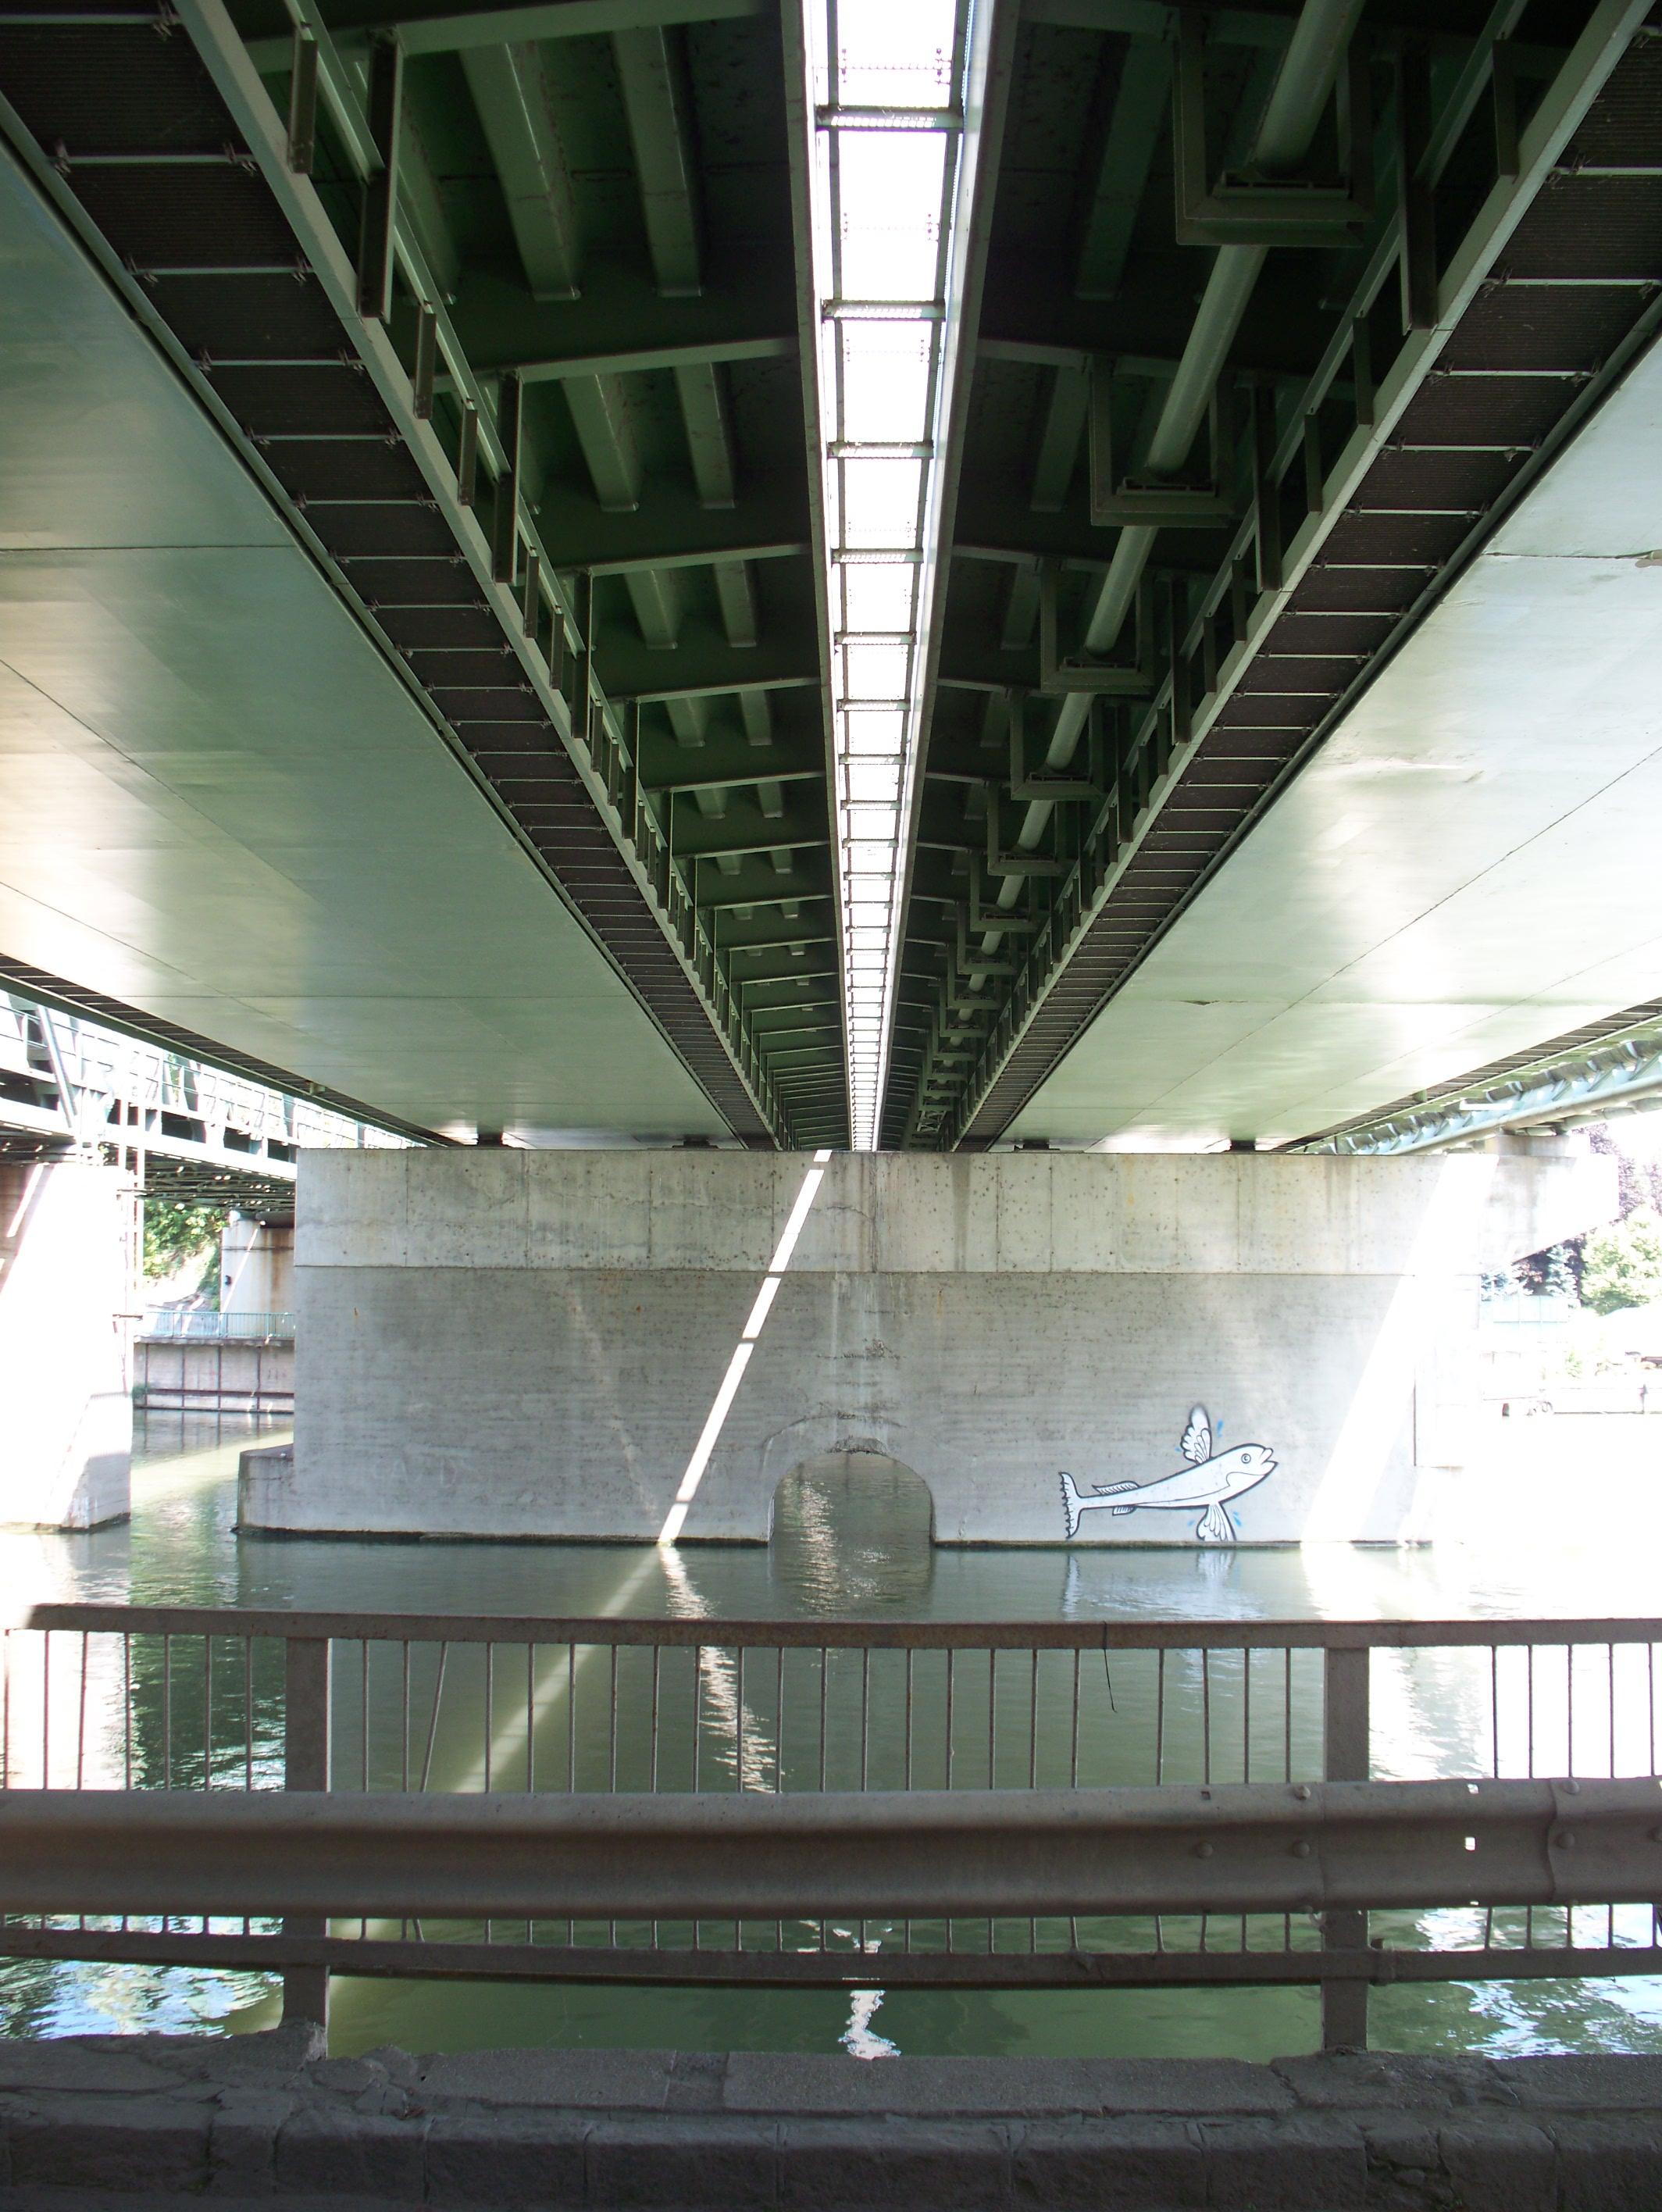 http://www.kisdunainagyhajok.hu/kis-dunai_hidak/kvassay-jeno-kozuti-hid/kvassay-jeno-kozuti-hid_007.jpg